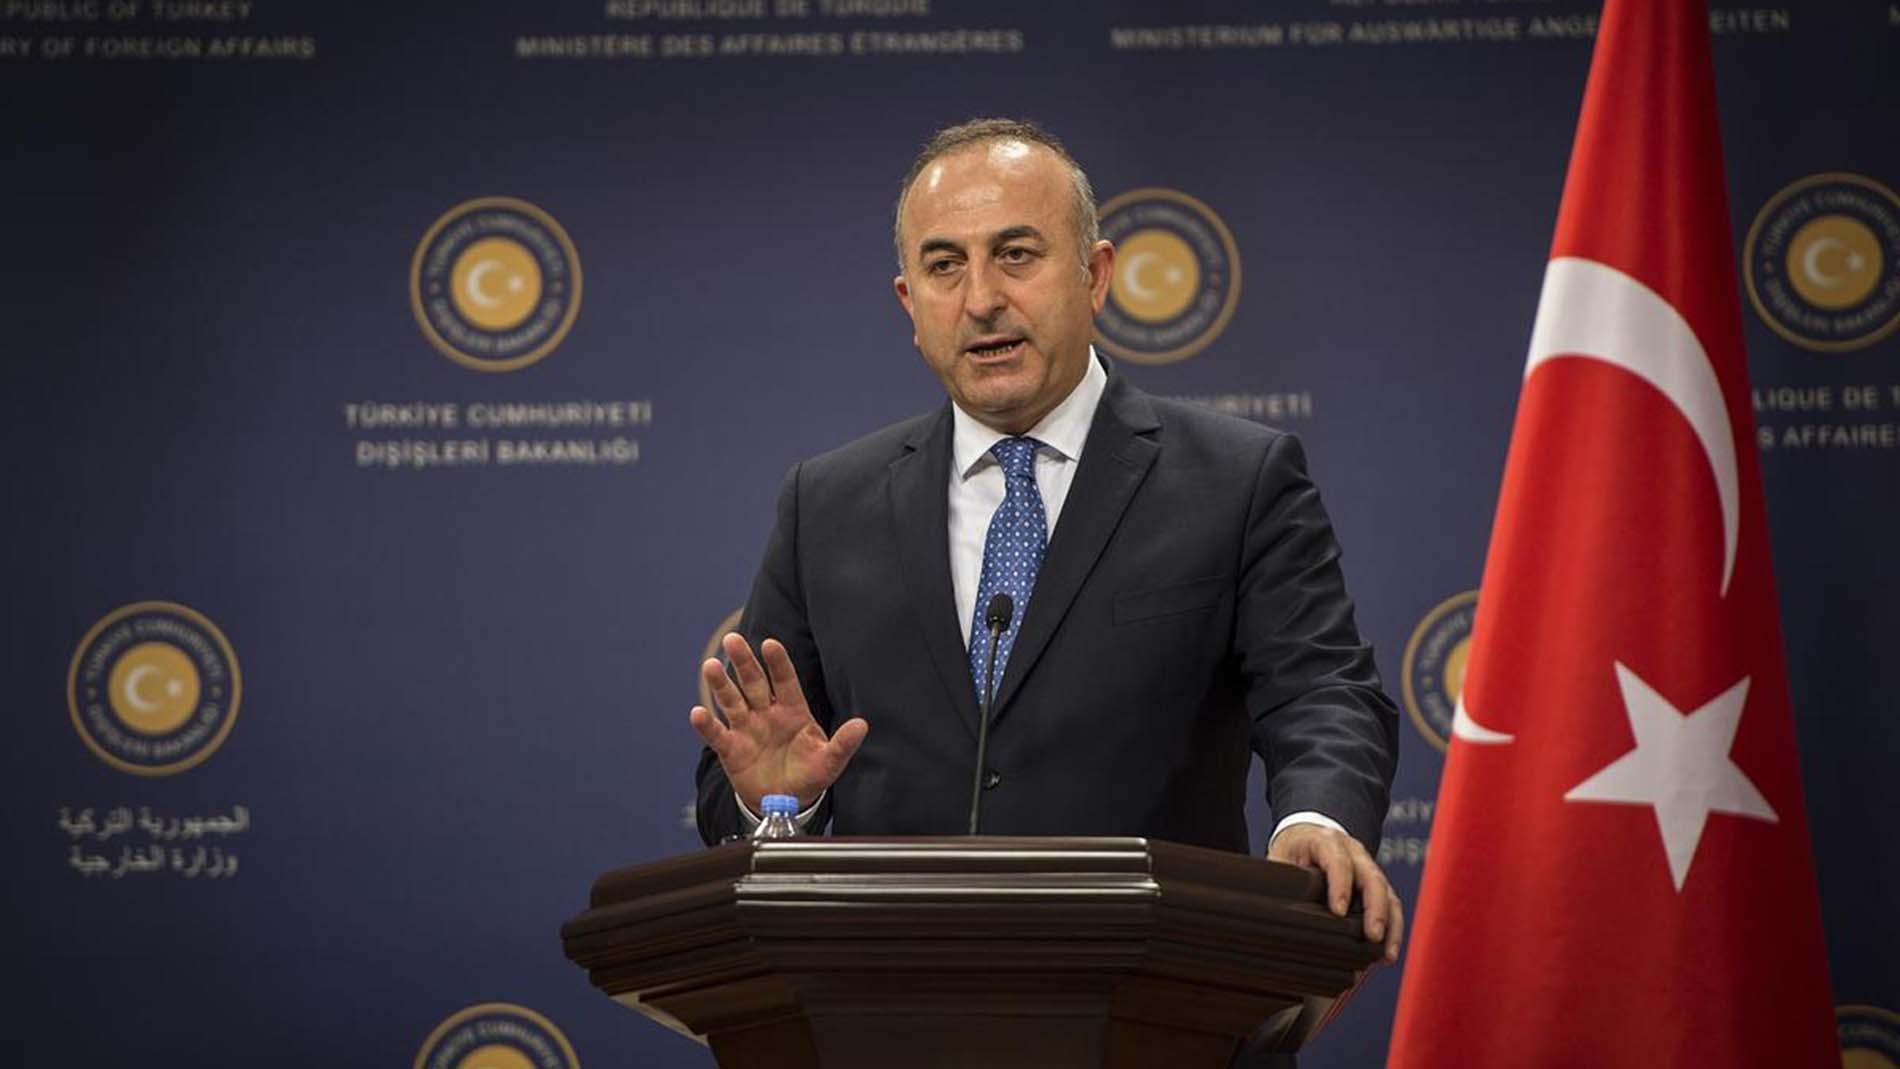 Bunları ilk kez duyacaksınız! Bakan Çavuşoğlu, dış politikayı değerlendirdi, bilinmeyenleri anlattı